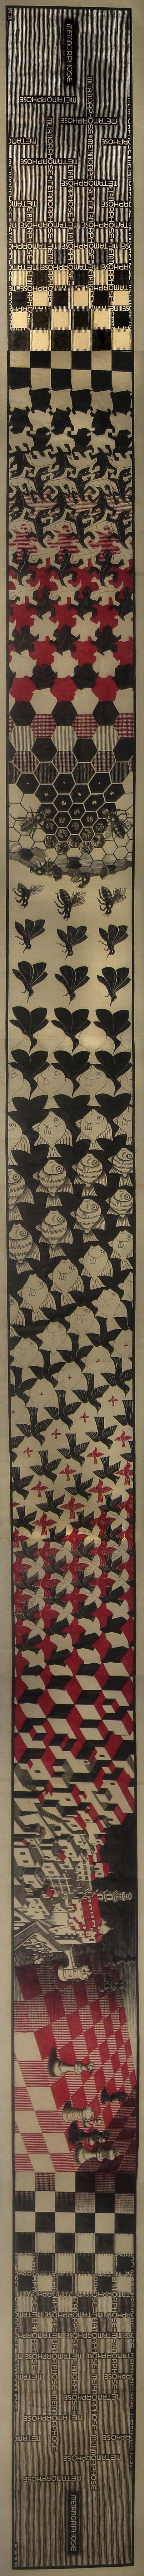 Metamorphosis II - M.C. Escher